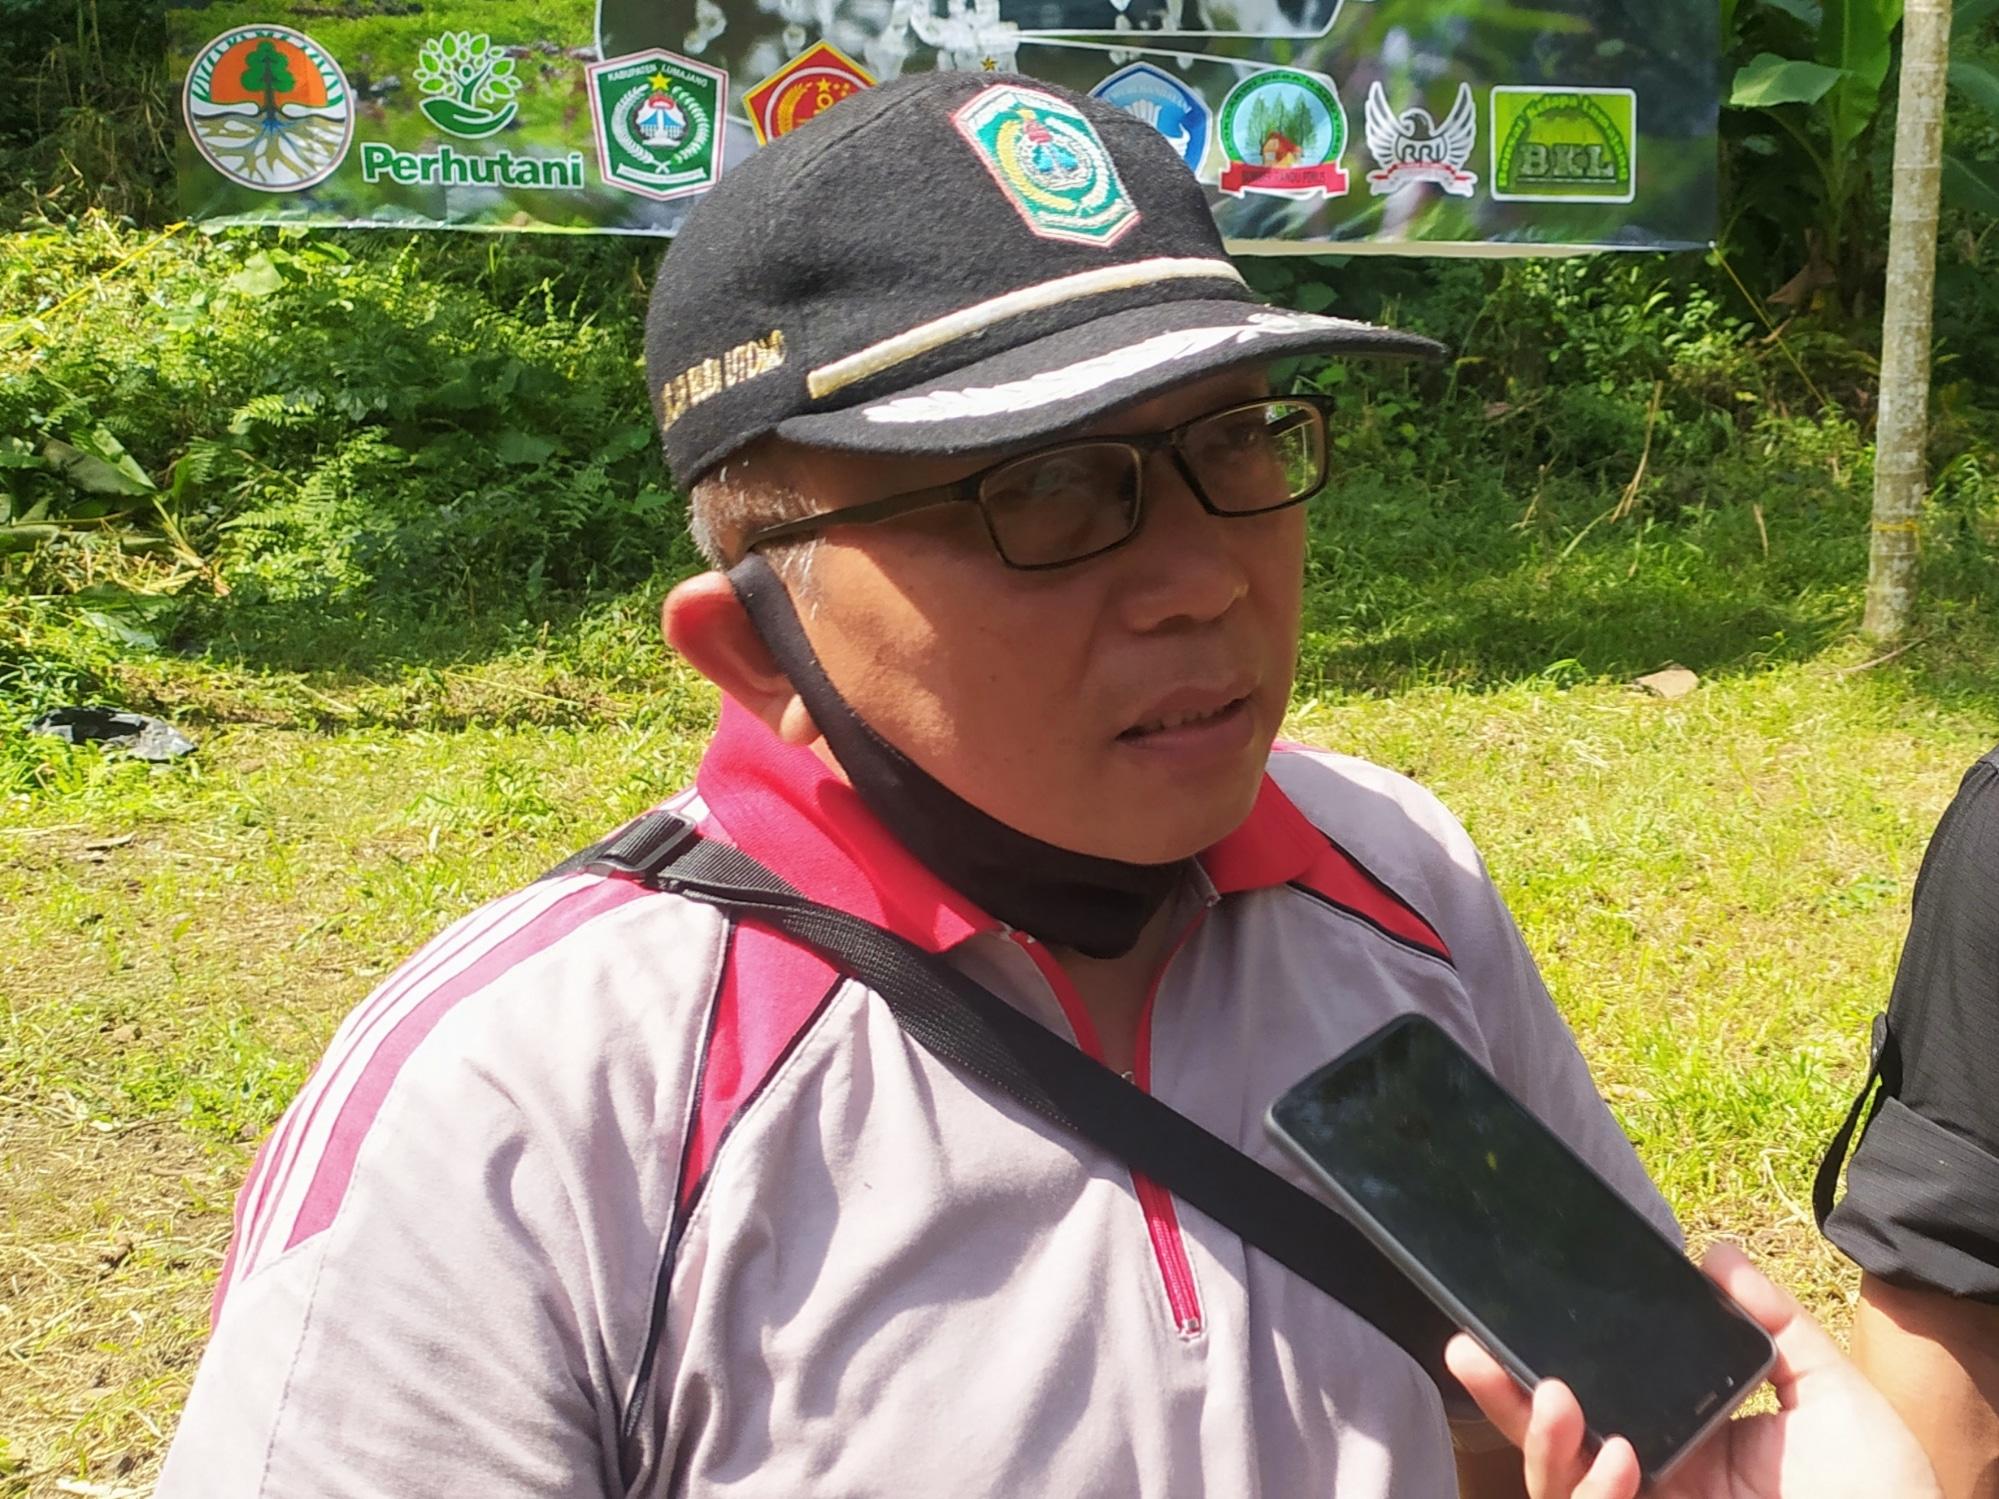 Lancar Budi Utomo: Direktur Tirta Mahameru Harus Mengatasi Kekurangan Air